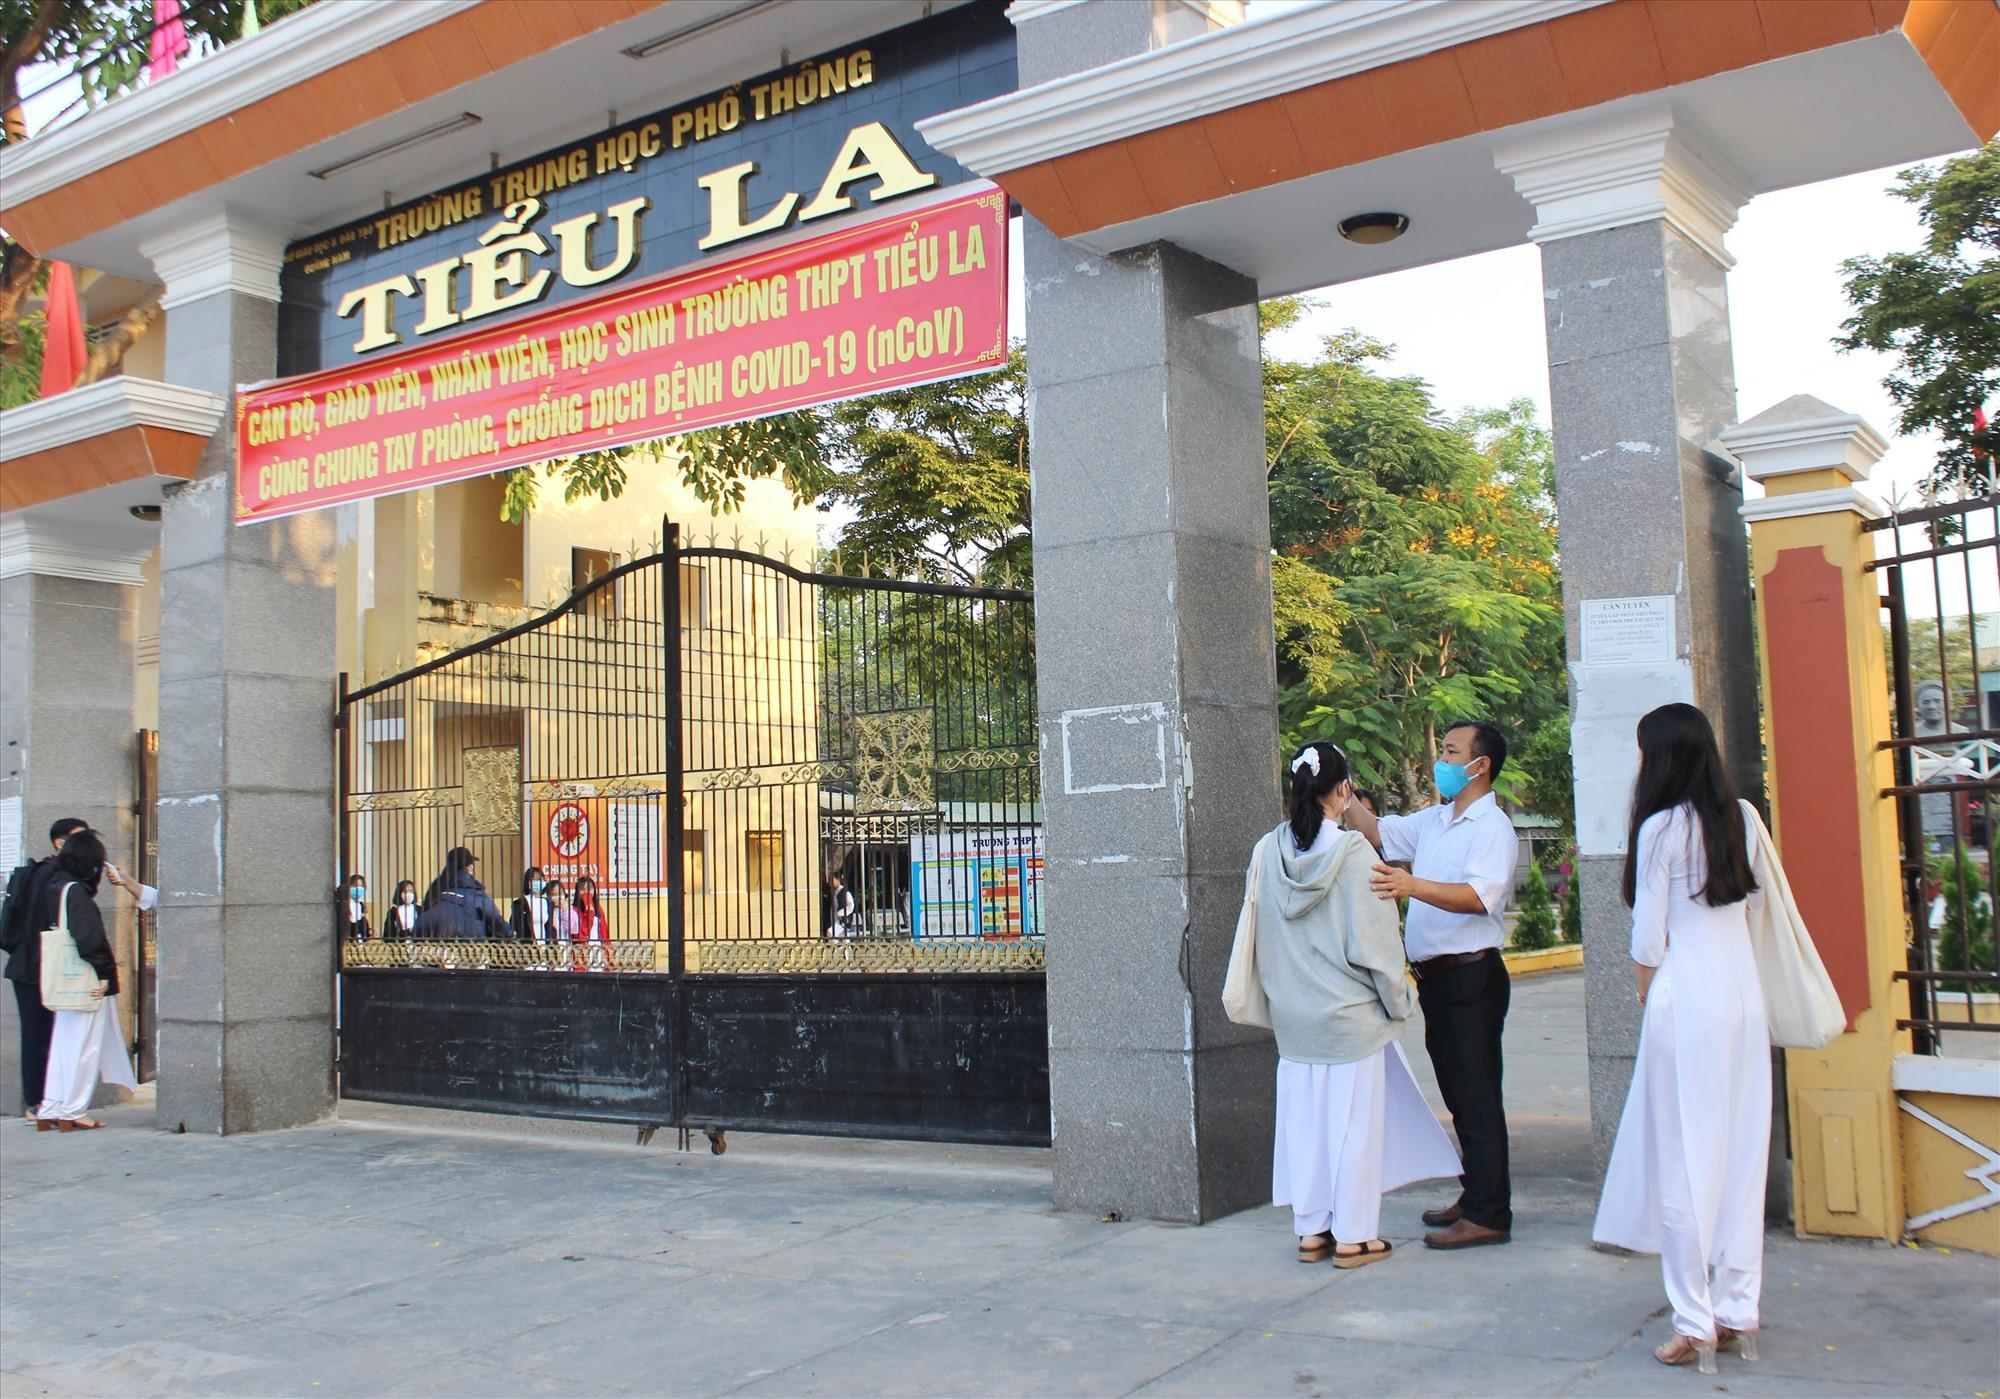 Kiểm tra thân nhiệt cho học sinh tại trường THPT Tiểu La. Ảnh: THANH THẮNG